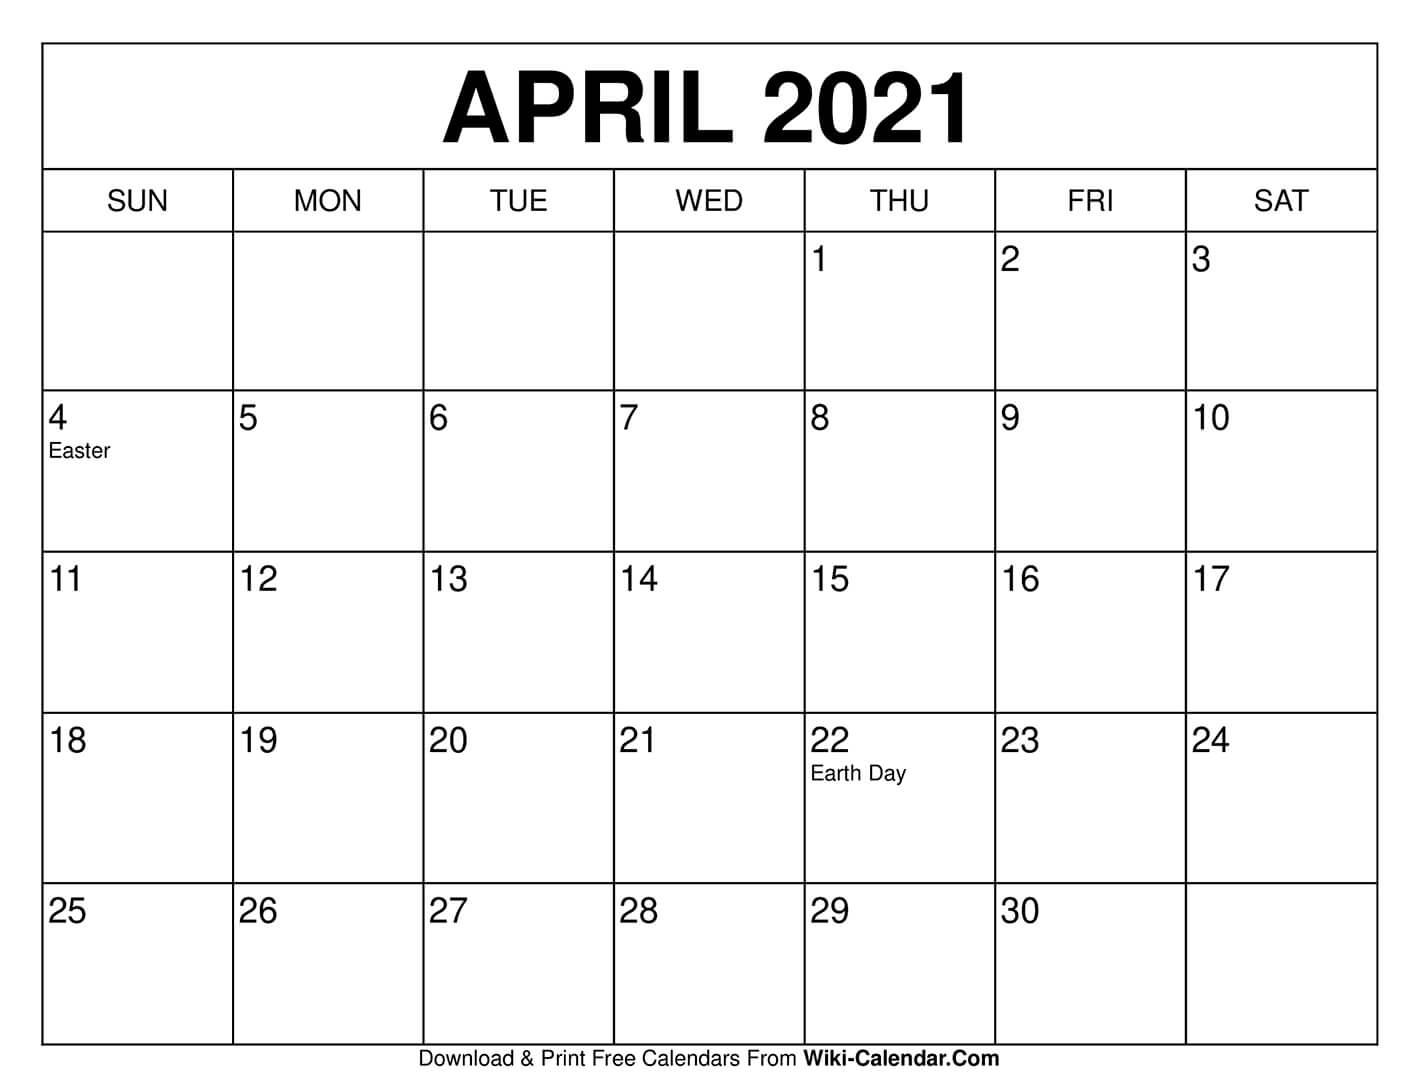 Free Printable April 2021 Calendars